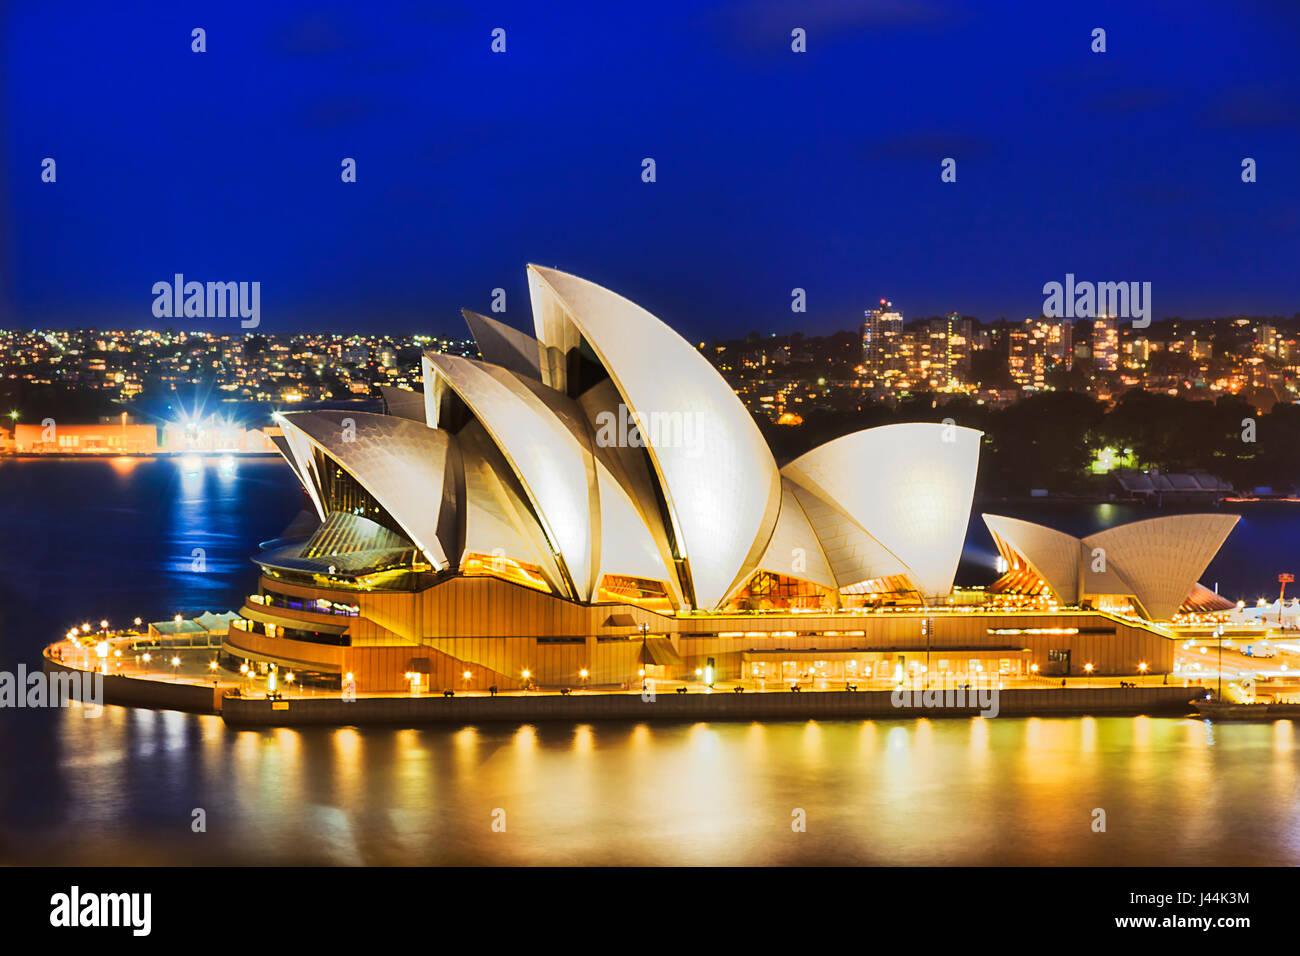 Sydney, Australien - 21. Februar 2016: Sydney Opera house Ikone Buiilding mit heller Beleuchtung, gesehen von der Stockbild